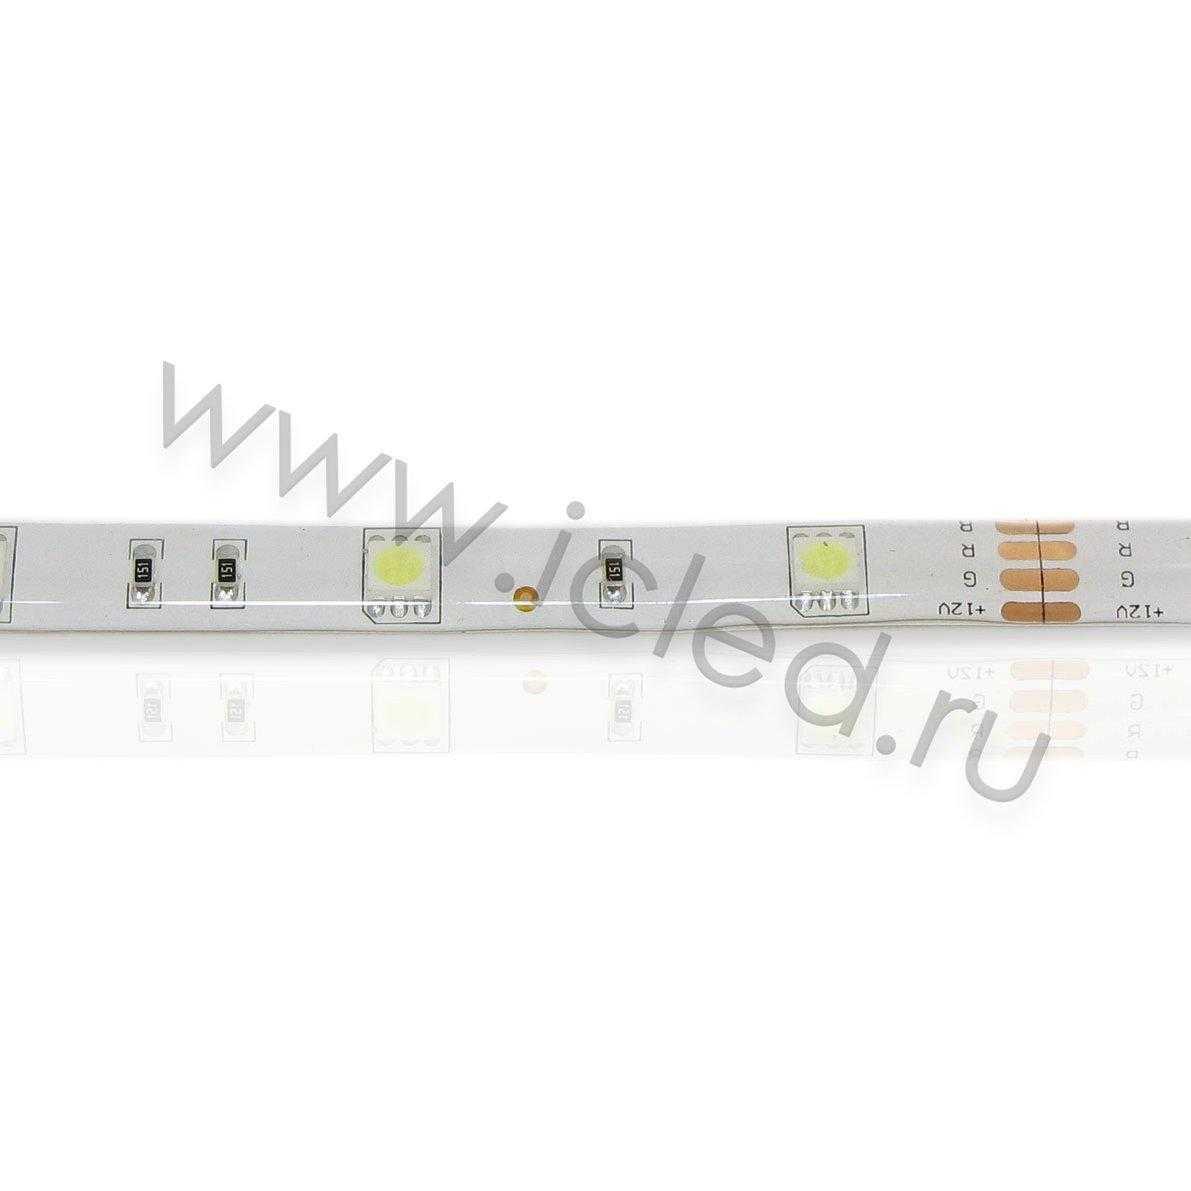 Светодиодная лента Econom class, 5050, 30led/m, White, 12V, IP65